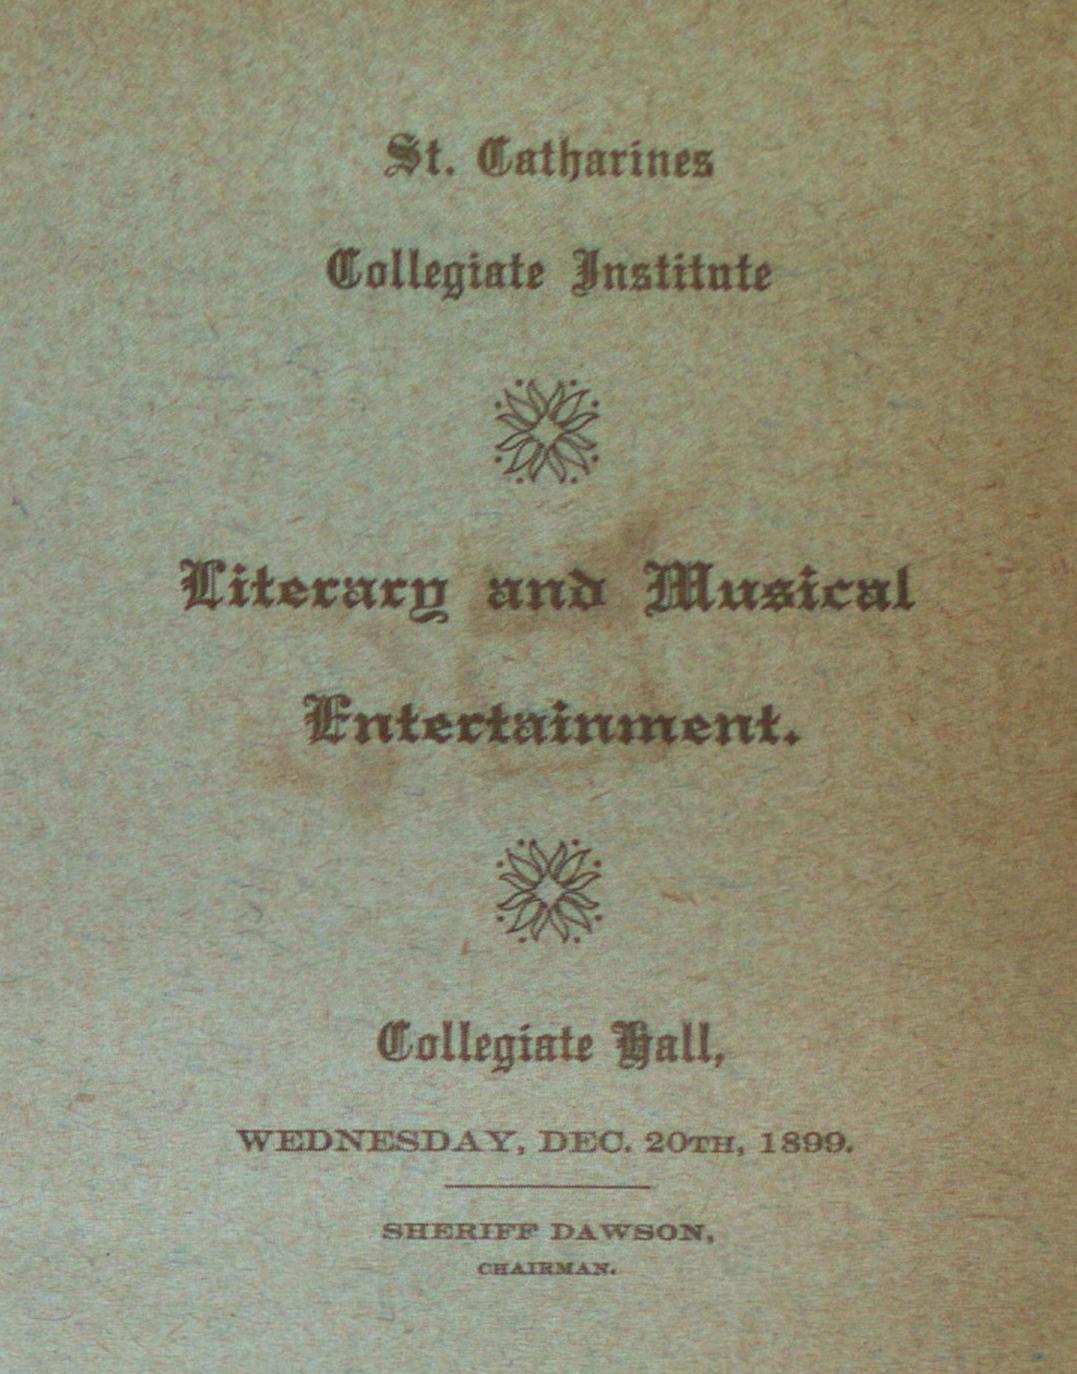 Teresa Vanderburgh's Musical Scrapbook #2 - Literary and Musical Entertainment at Collegiate Hall